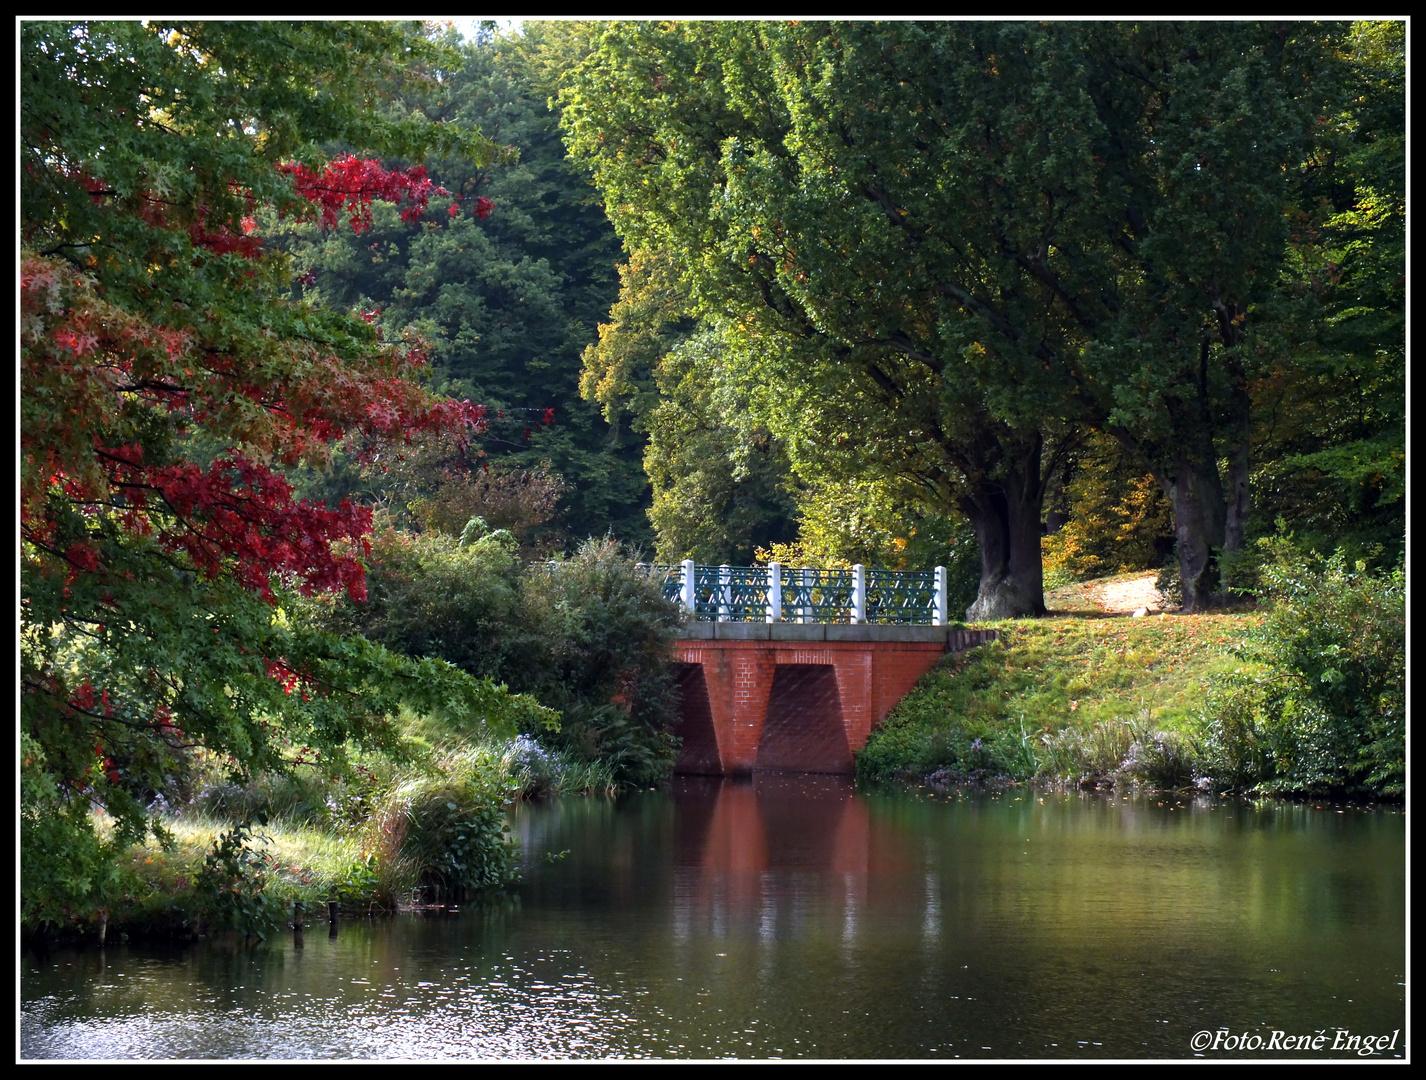 Die Ägyptische Brücke im Branitzer Park